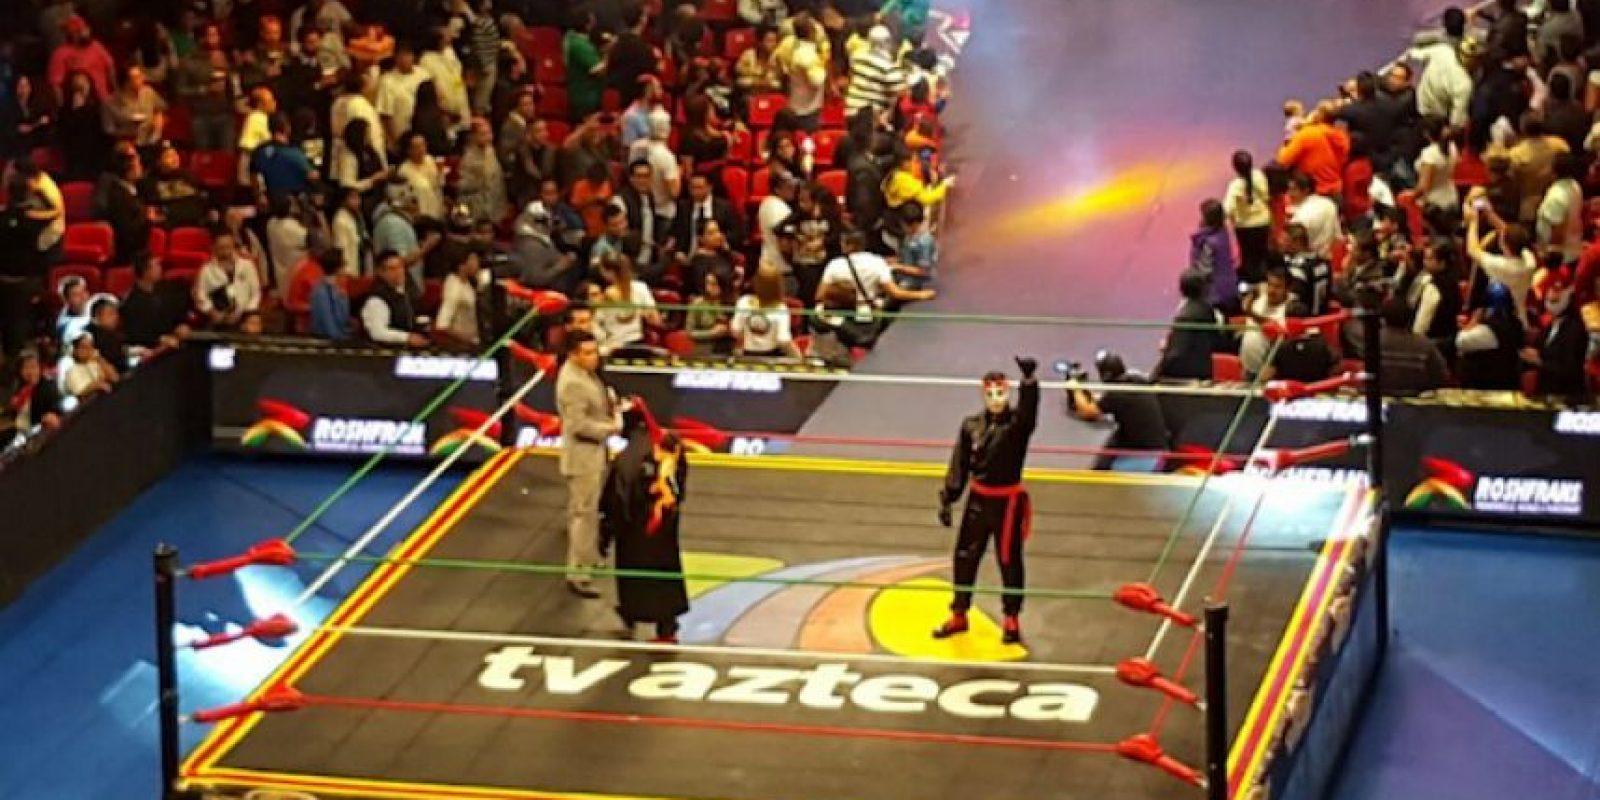 El legendario luchador Octagón hizo la presentación oficial de su hijo en la Arena México Foto:Karina Bobadilla